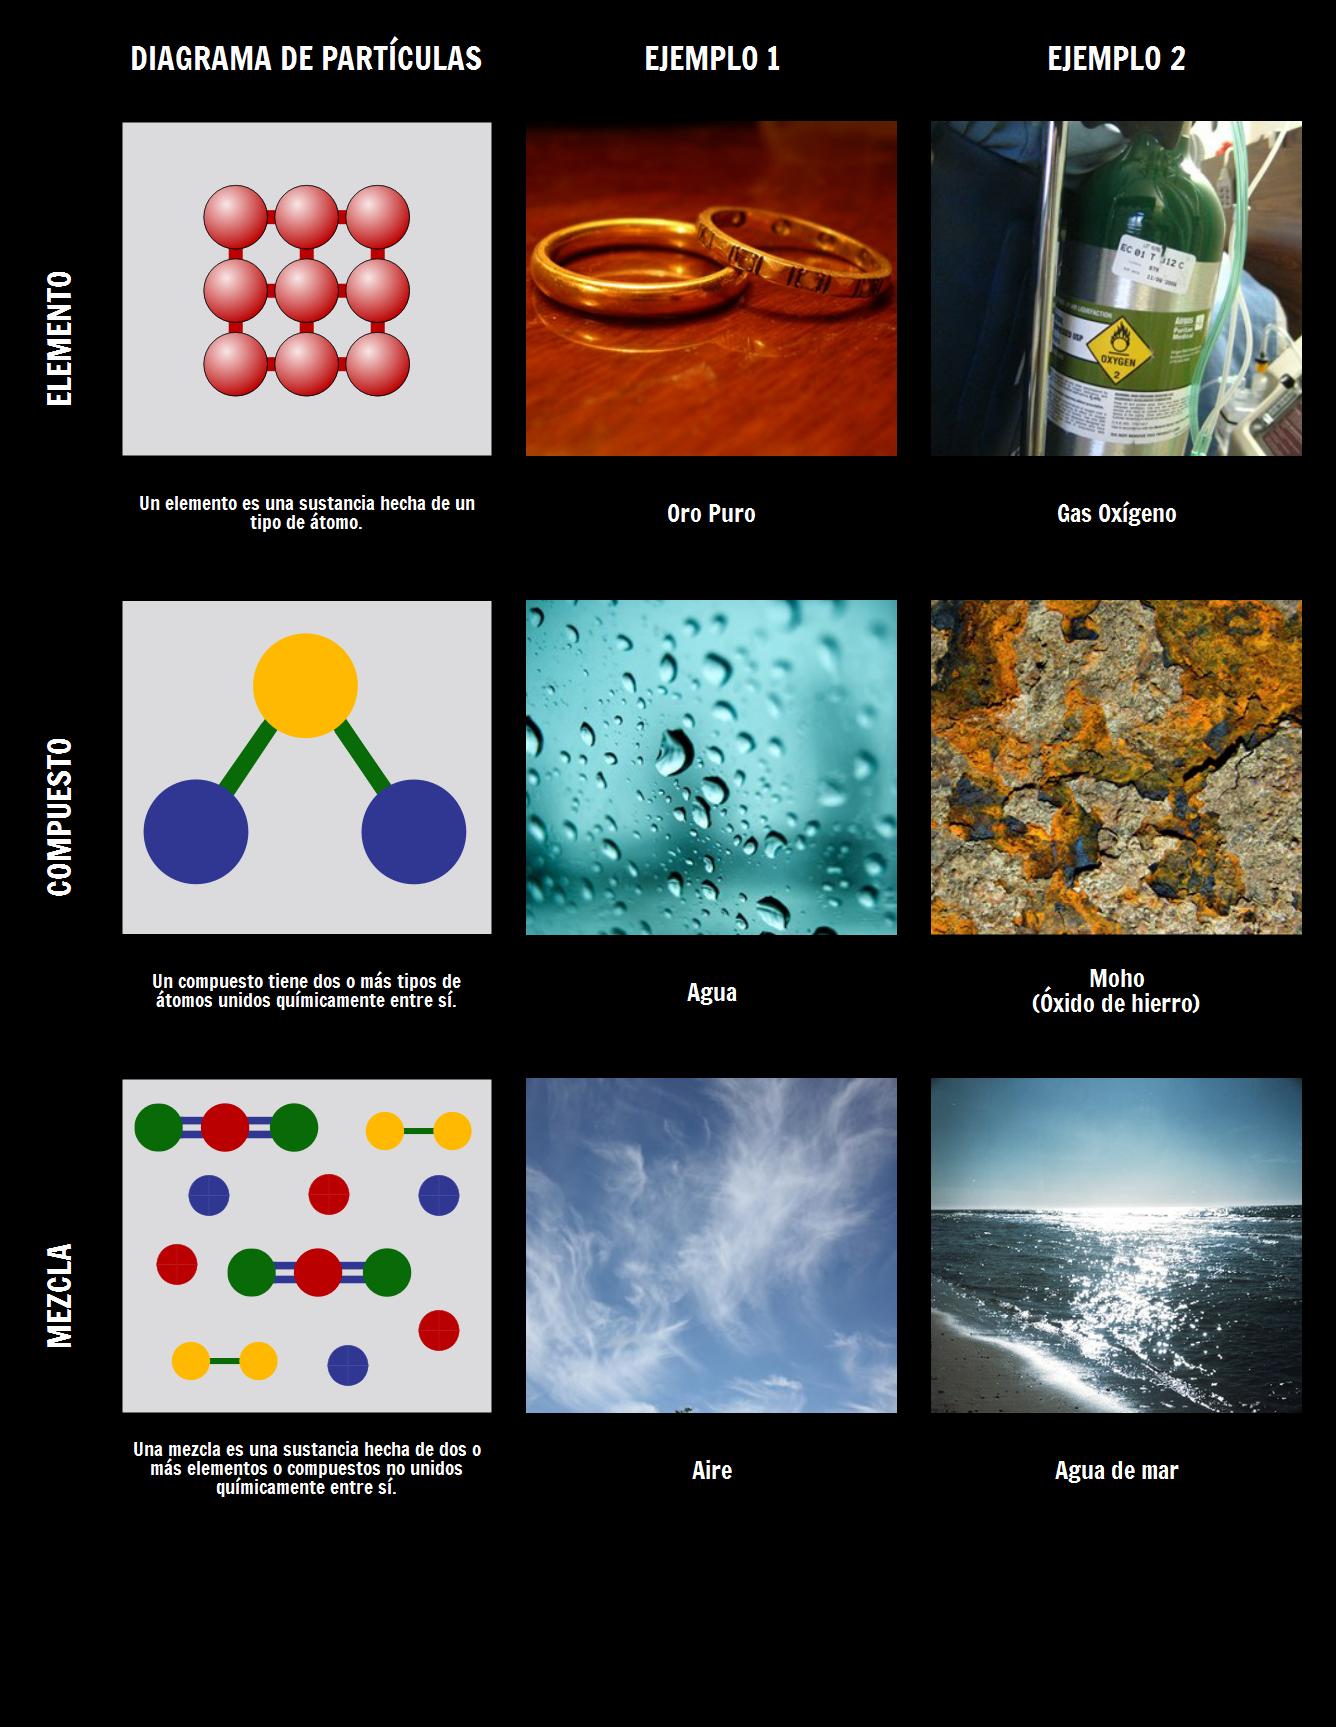 Elementos Compuestos y Sustancias | Mezcla Heterogénea